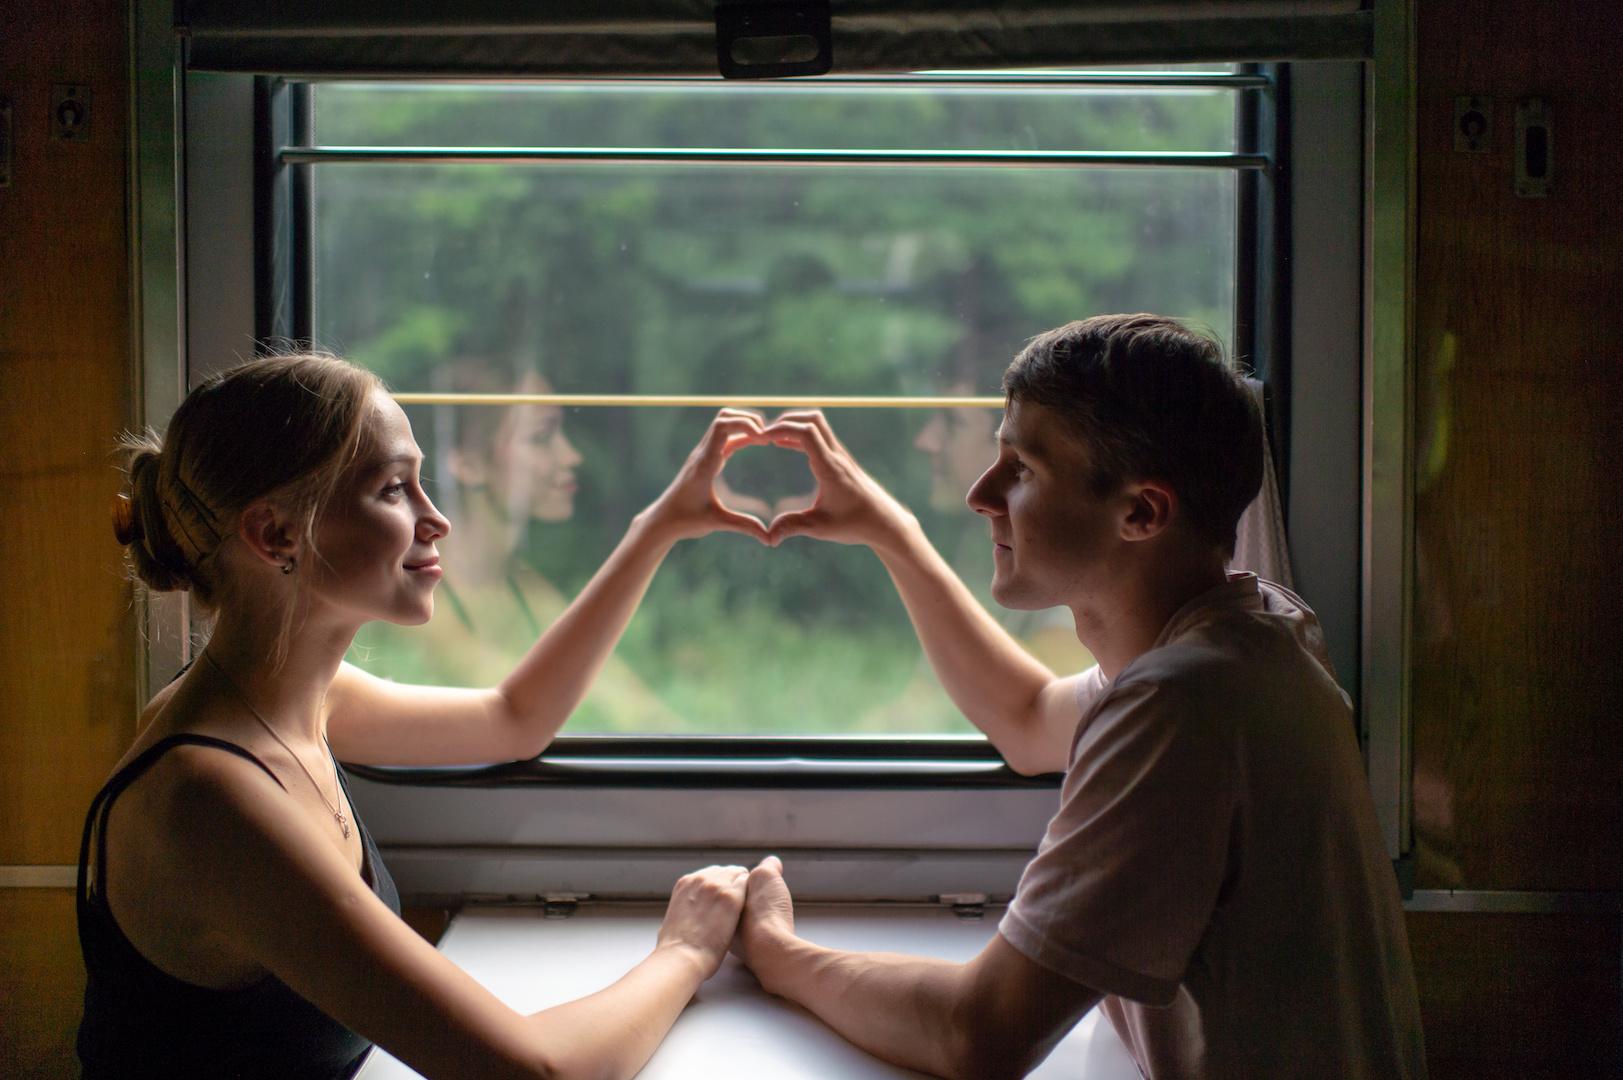 Love is Fragile - AdobeStock_234467765